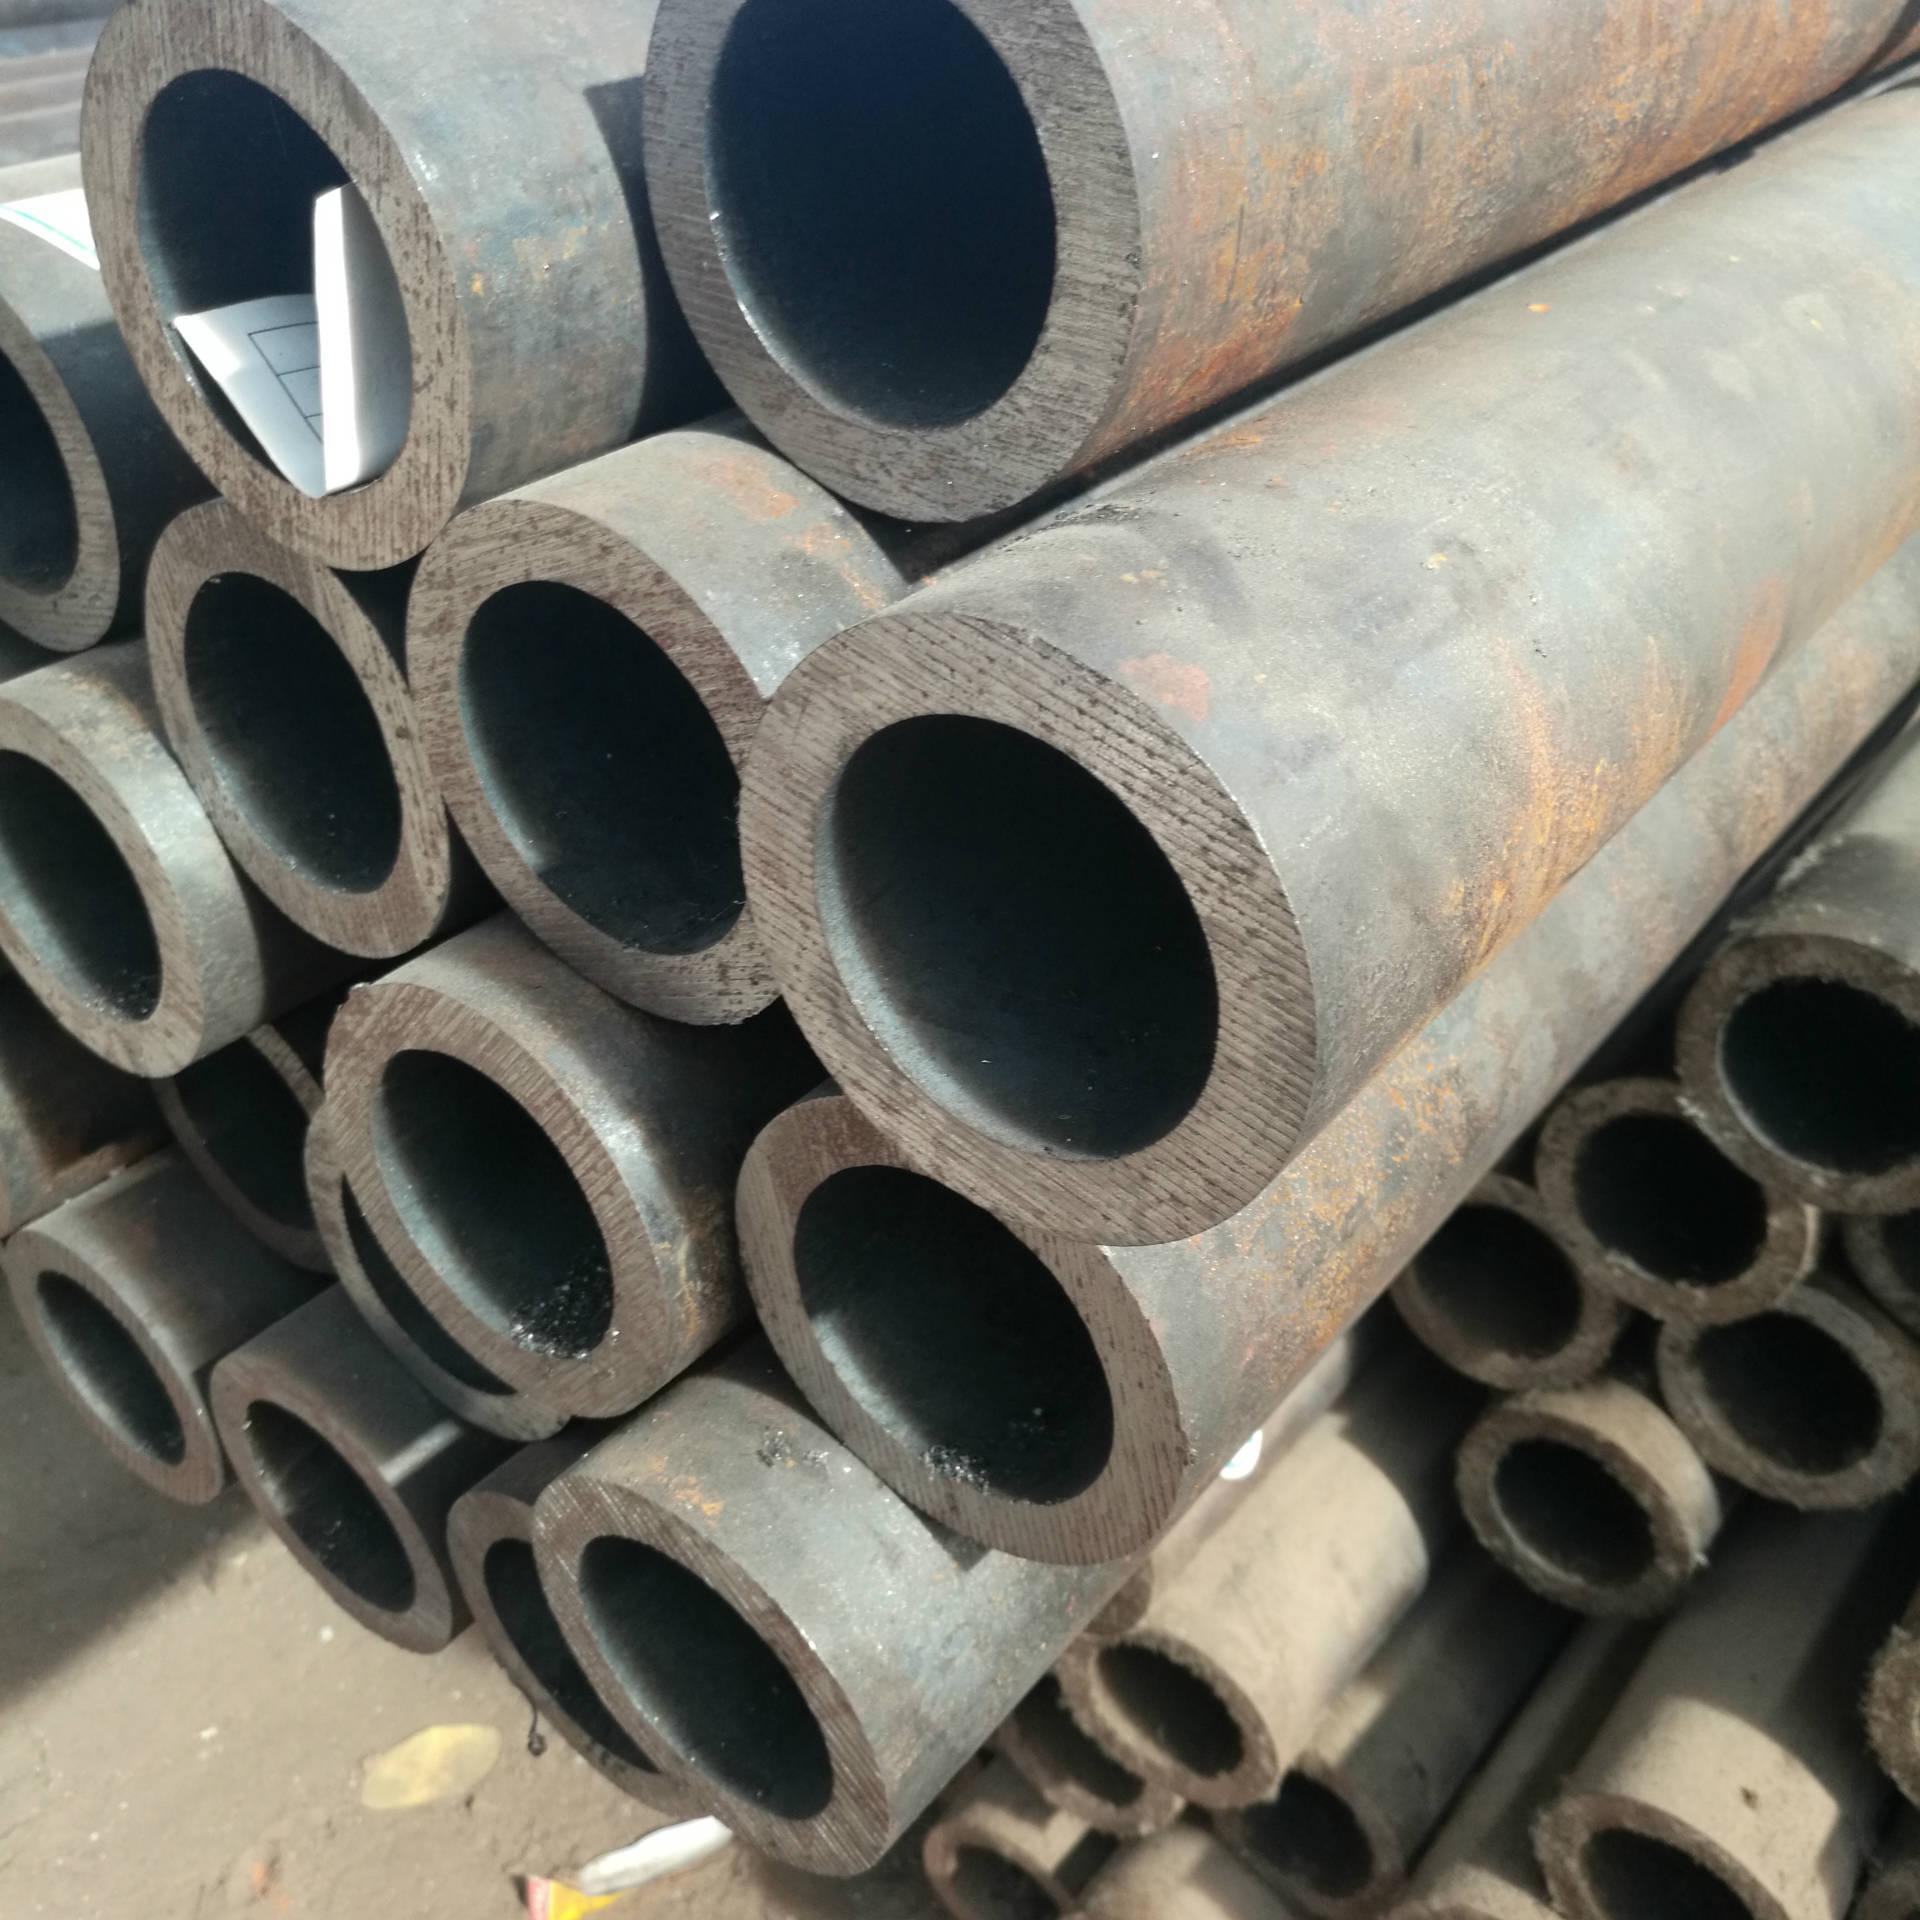 ANGANG Ống đúc Bán trực tiếp nhà máy số 20 457 * 18 ống thép liền mạch cán nóng ống thép liền mạch ố